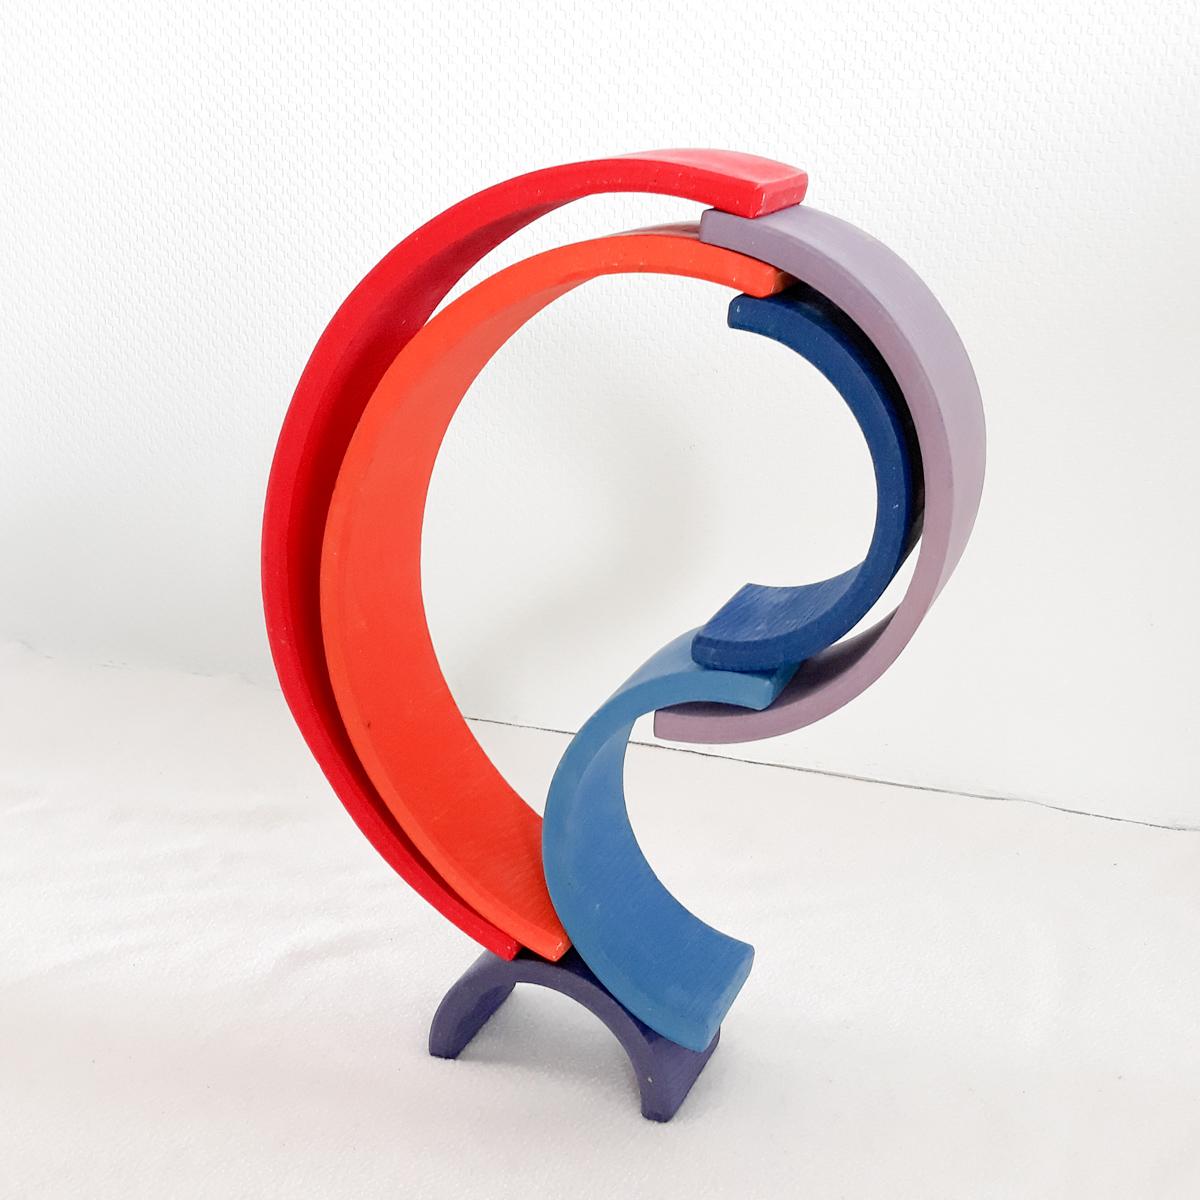 houten regenboog voorbeeld 3d druppel